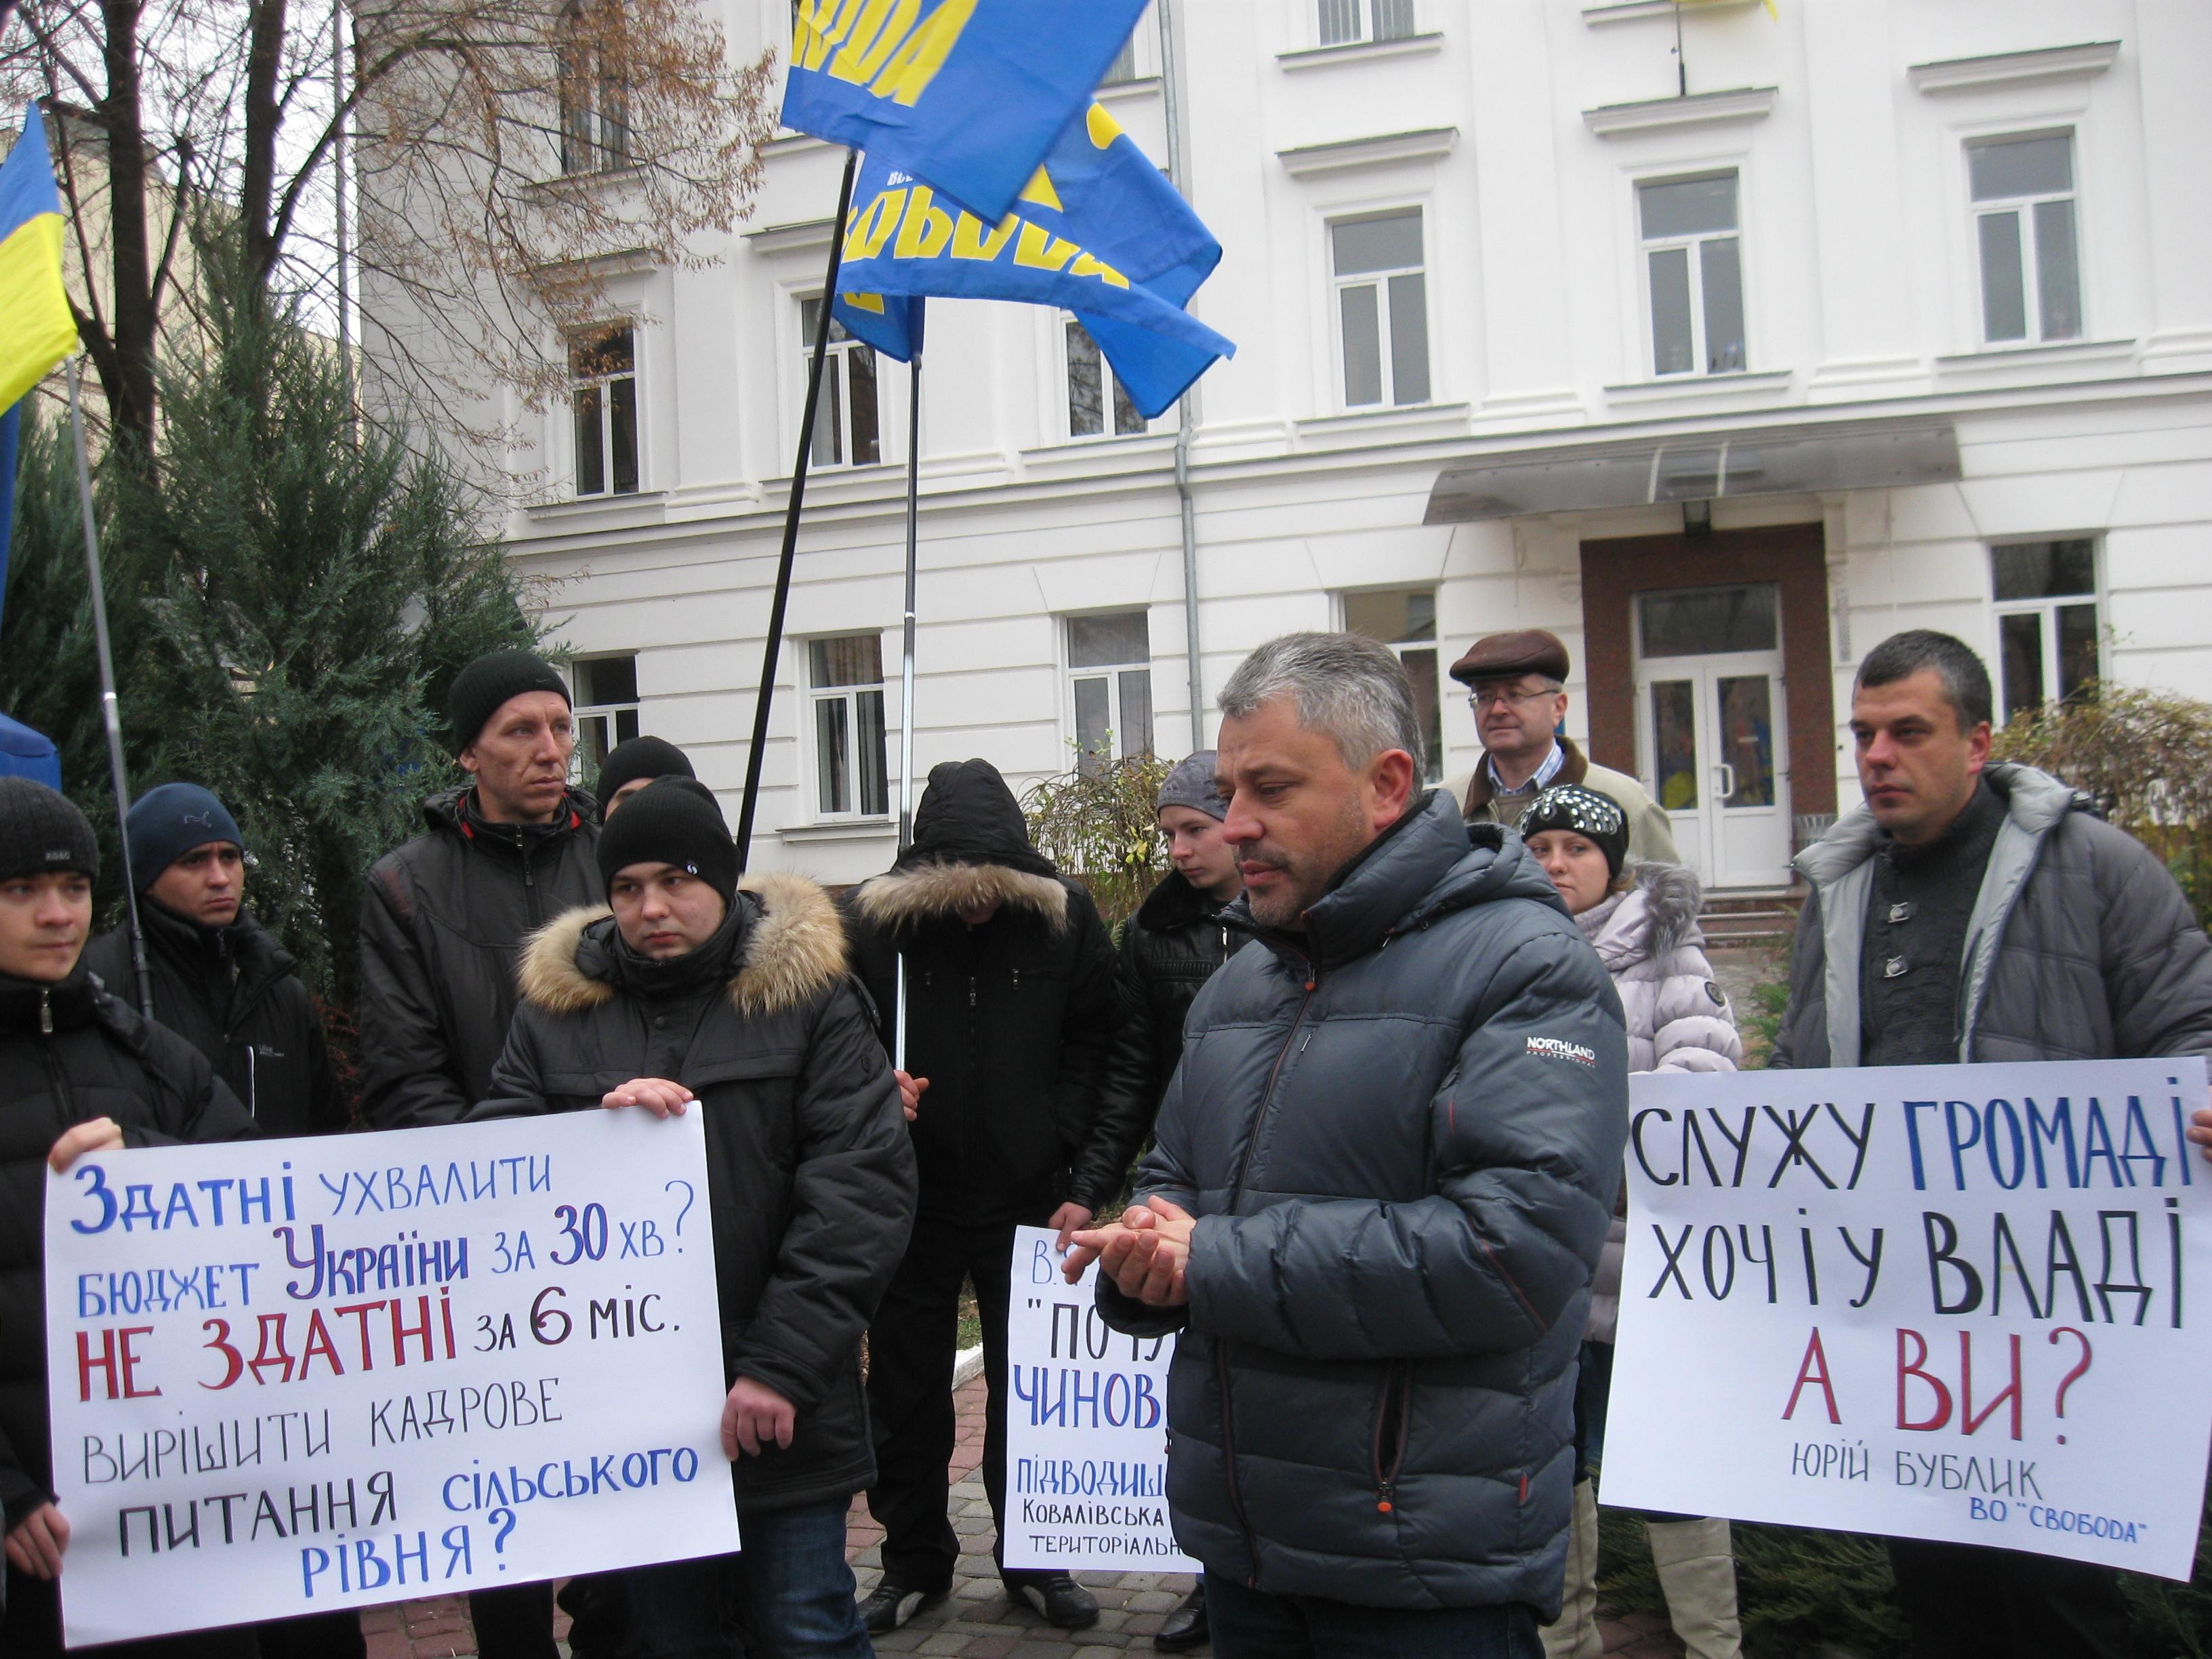 Виступає народний депутат Юрій Бублик